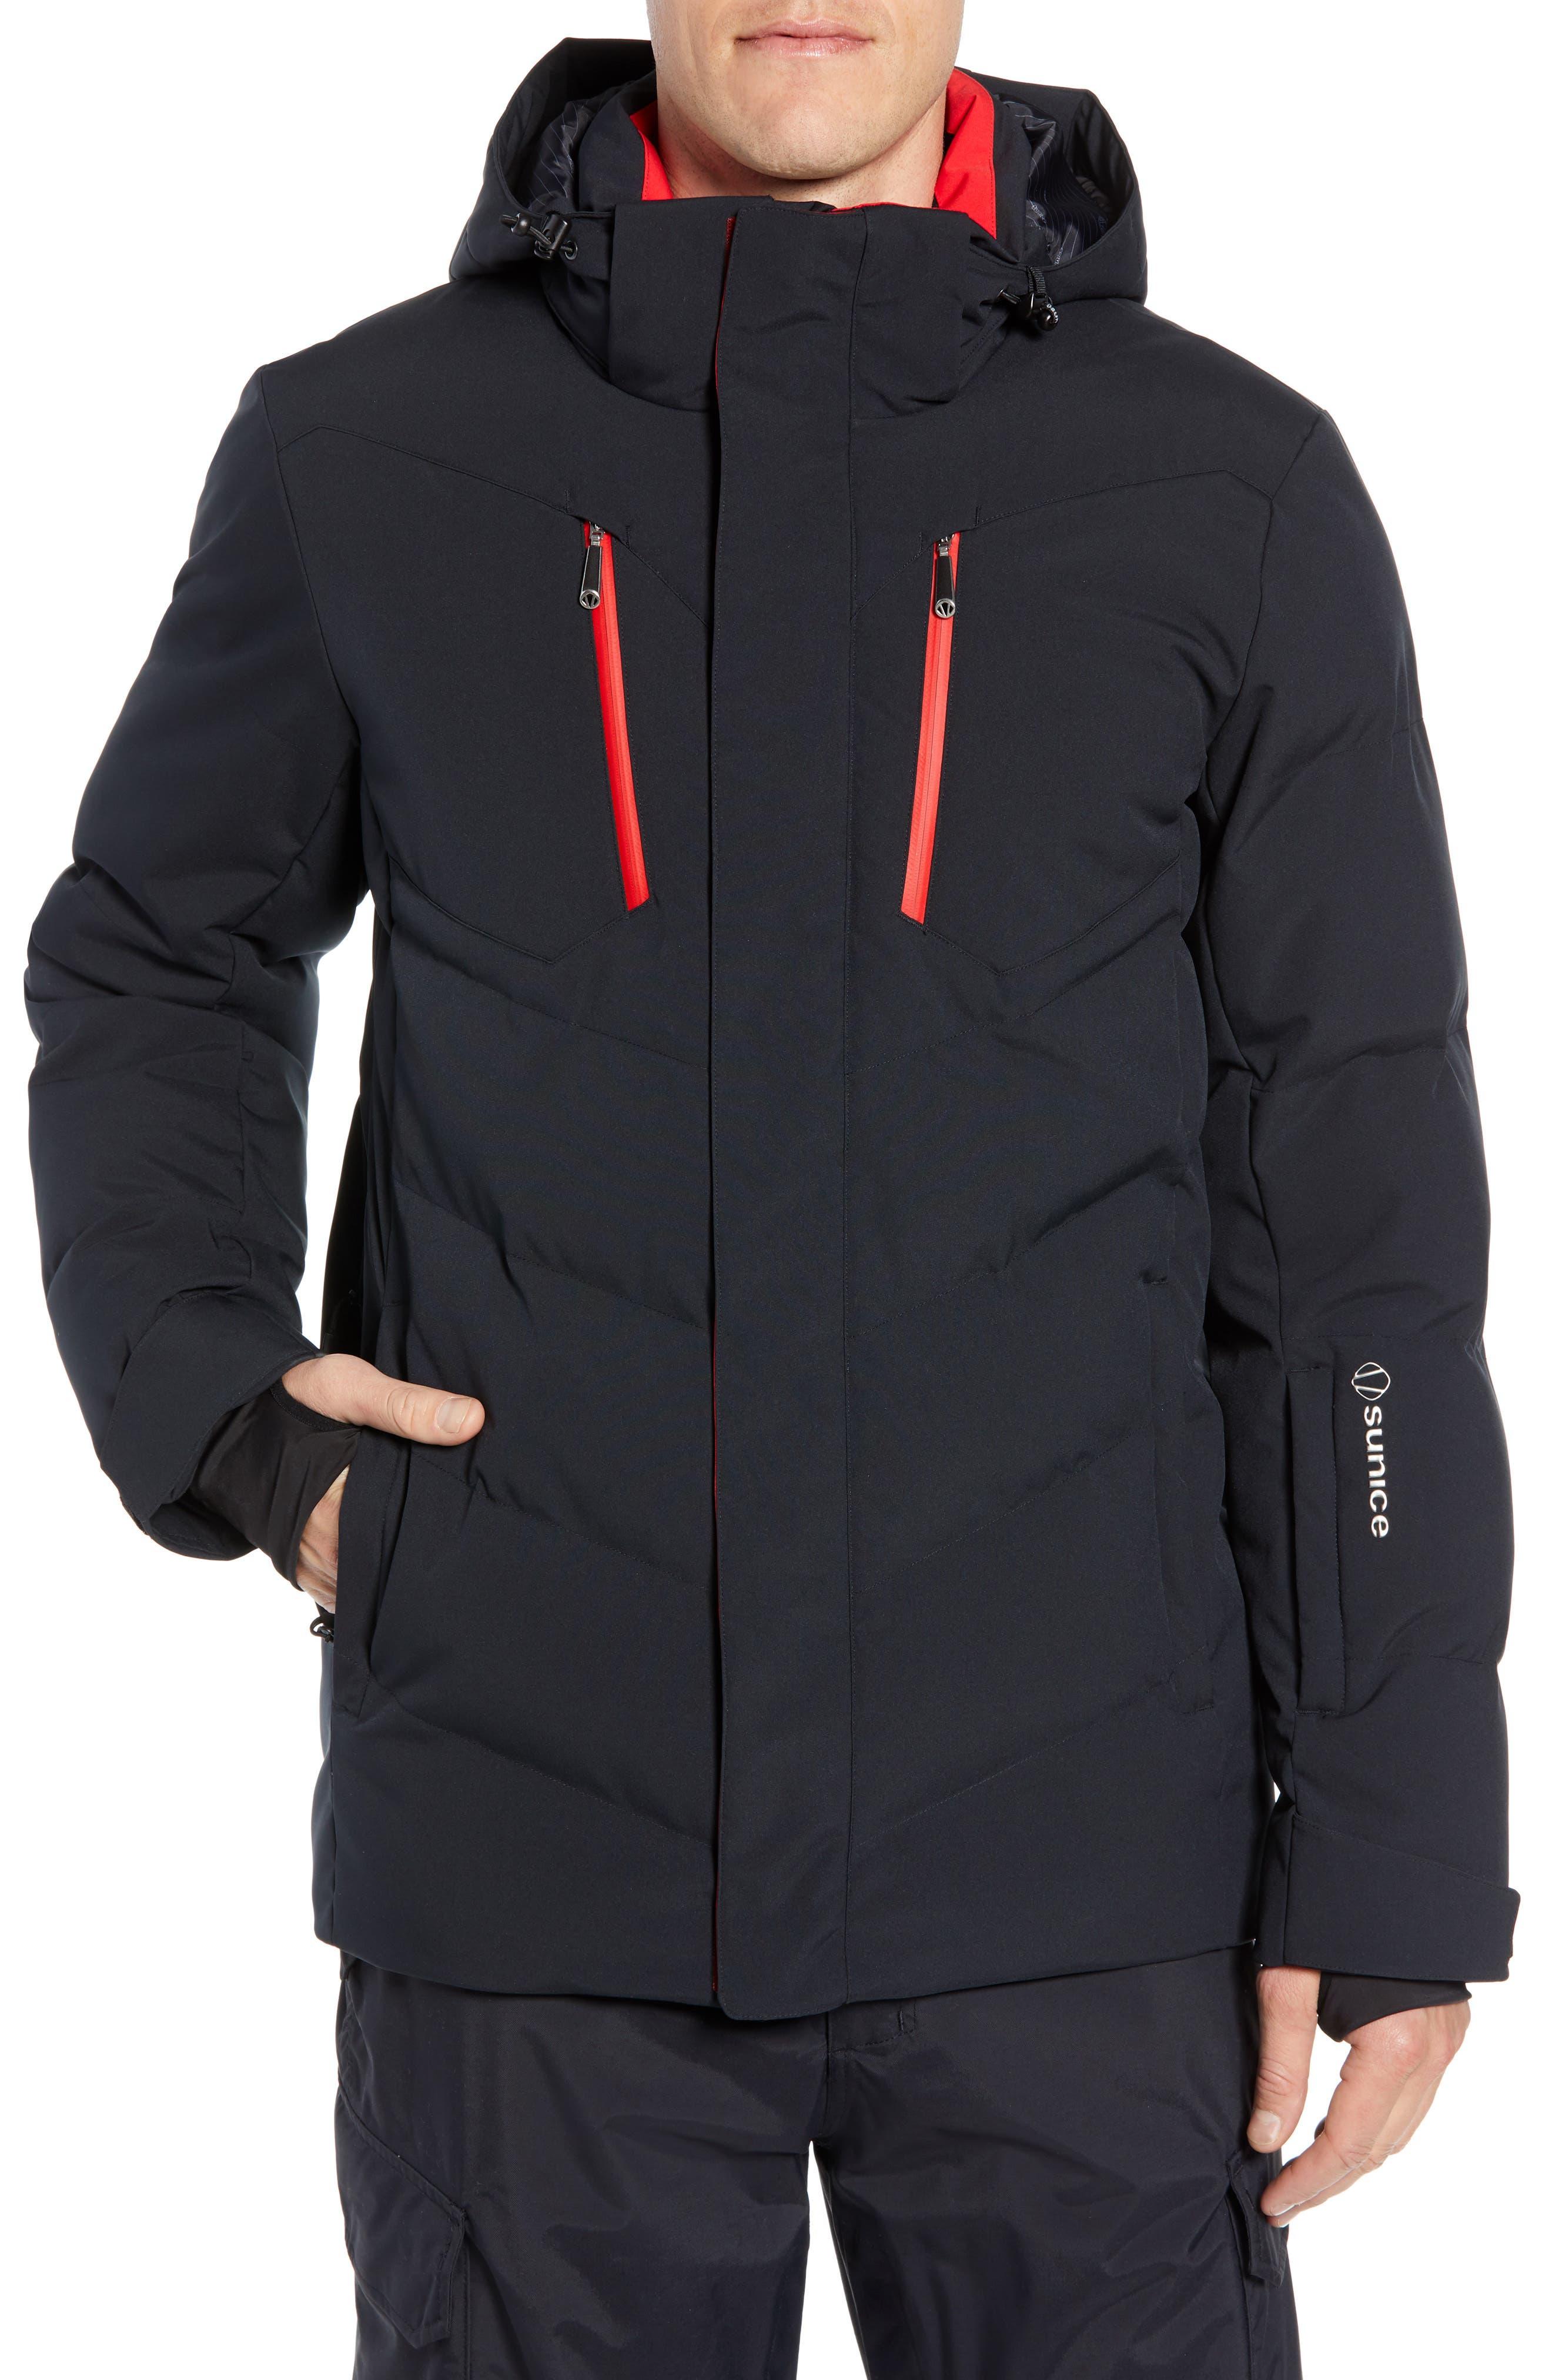 Boulder Waterproof Jacket,                             Main thumbnail 1, color,                             001